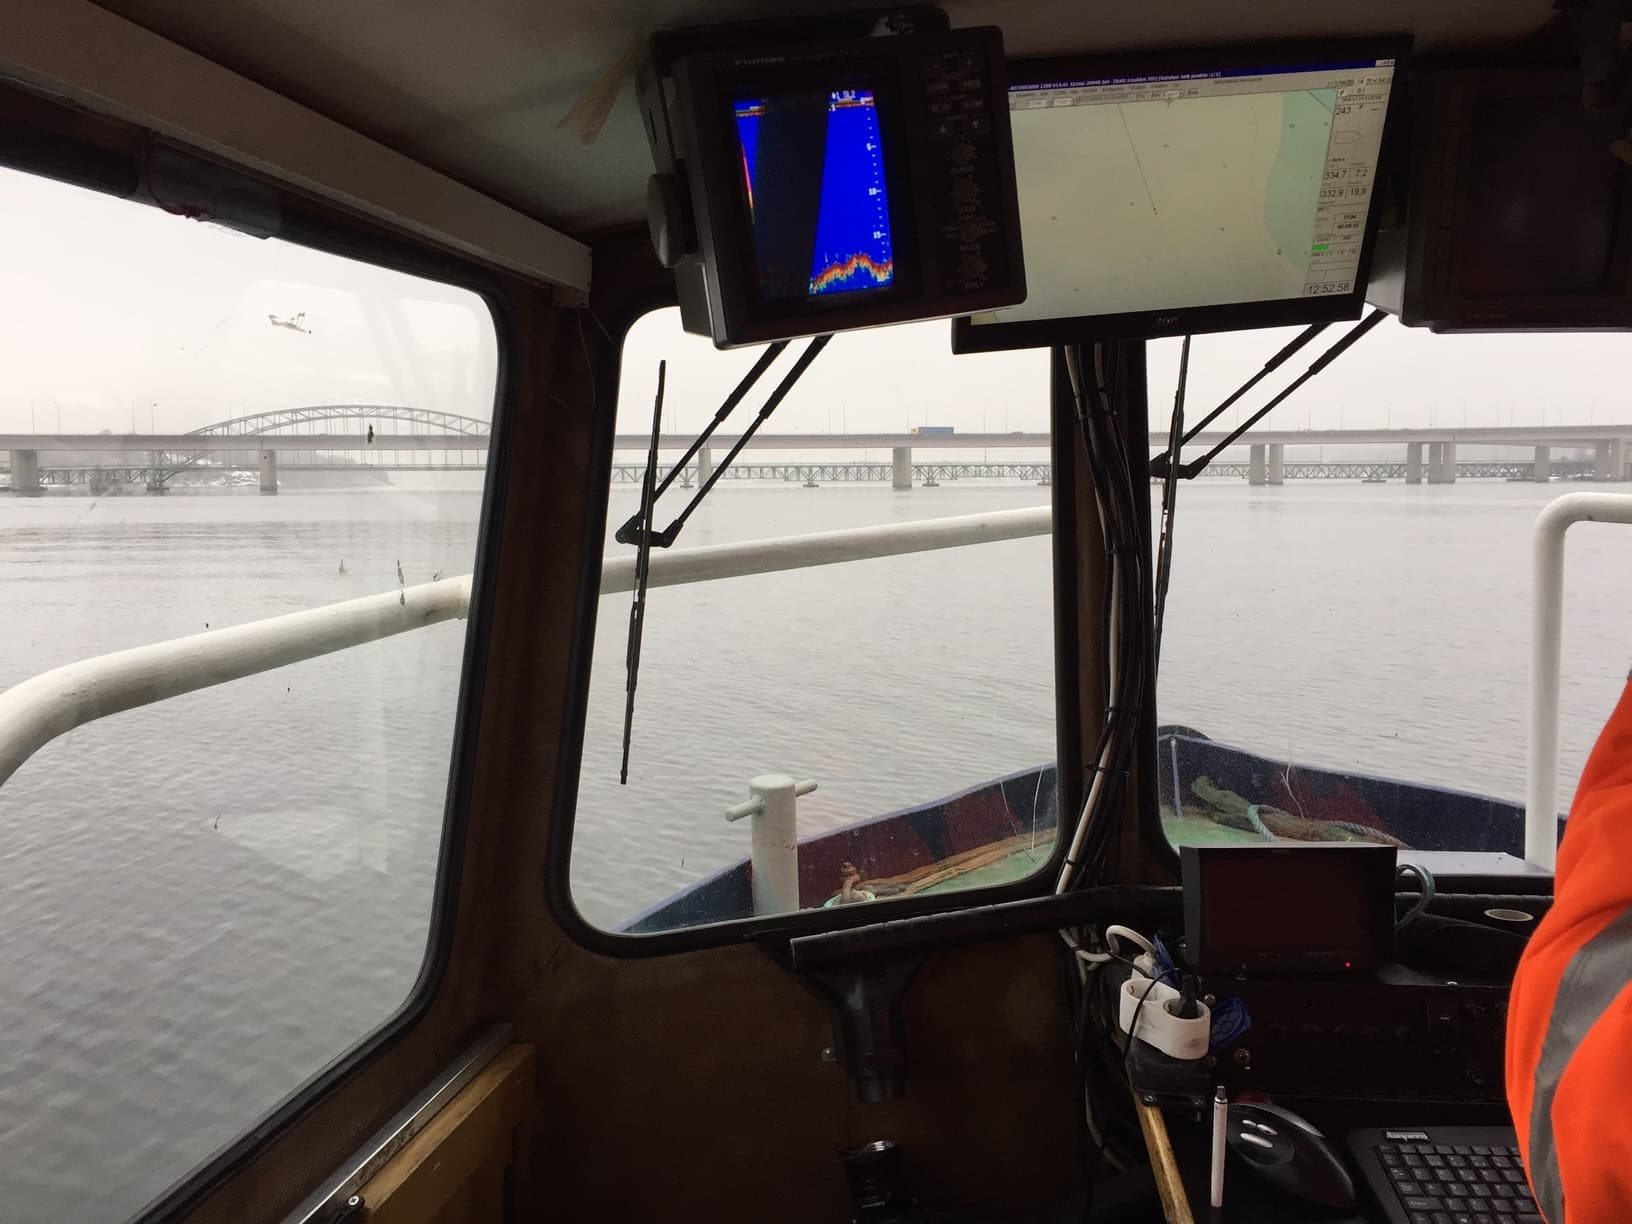 allblästring målning Lidingöbron stheab stockholms hamnentreprenad hamnar 01